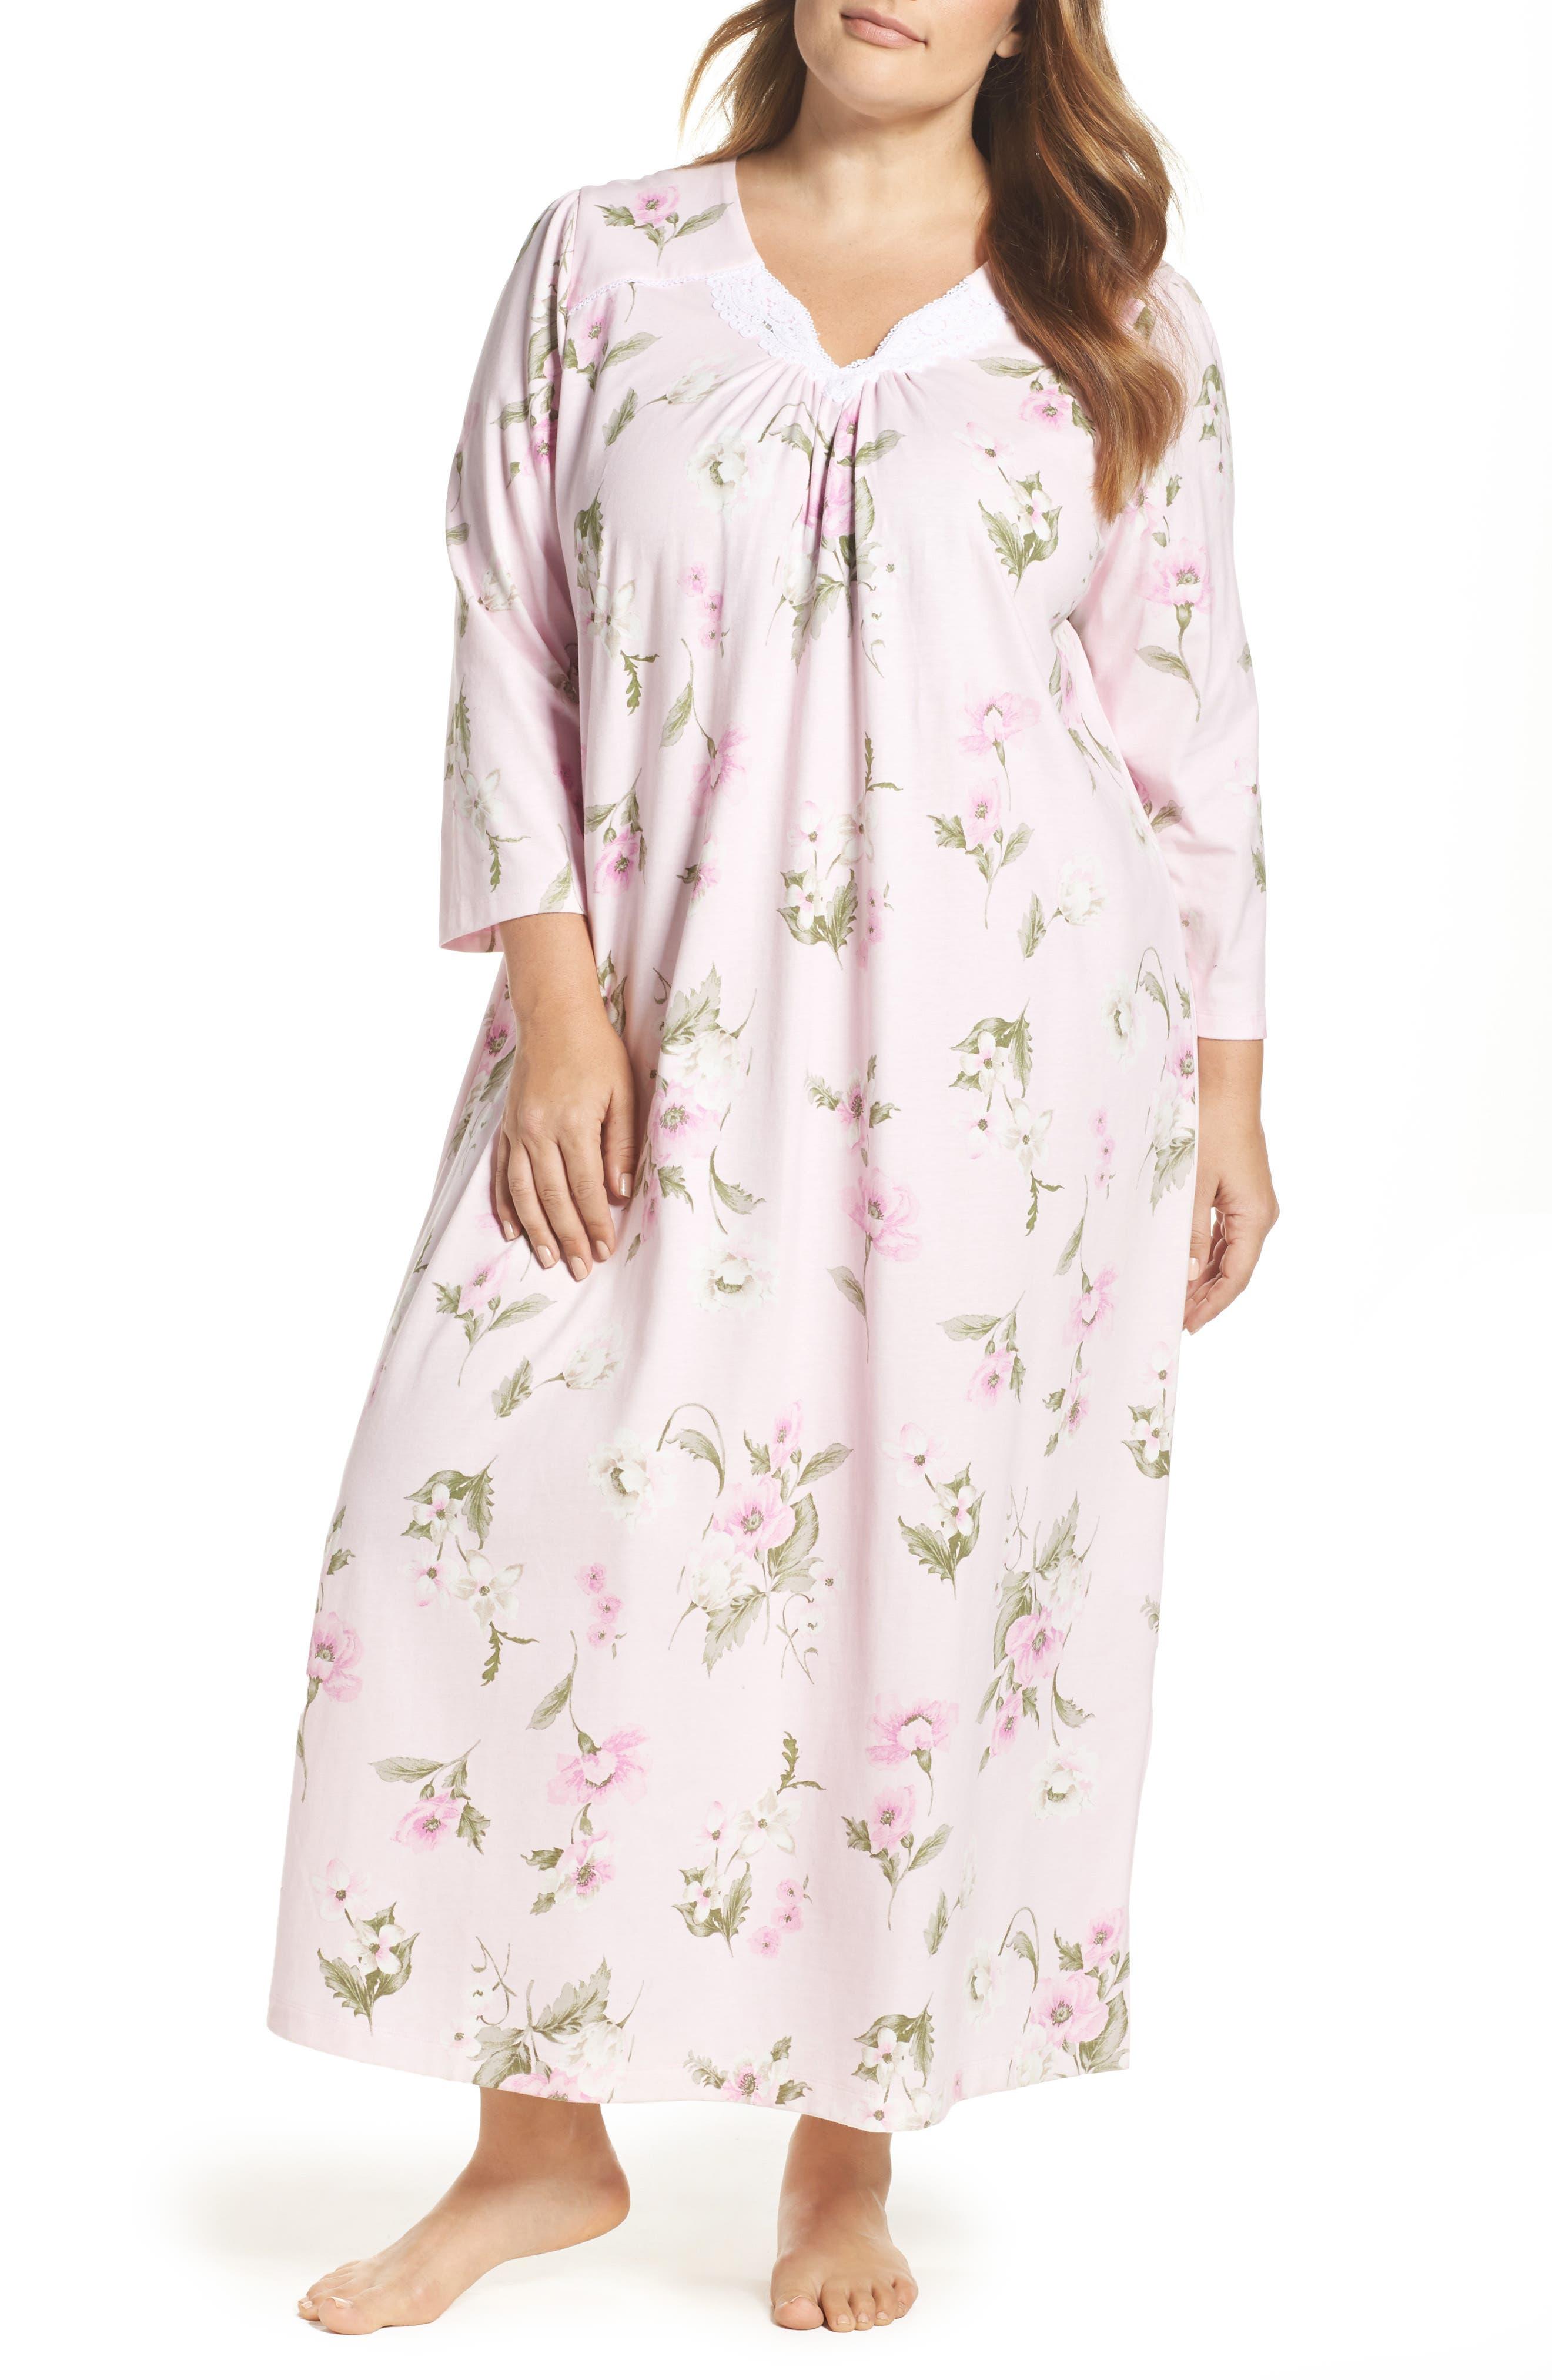 Knit Nightgown,                             Main thumbnail 1, color,                             English Petal